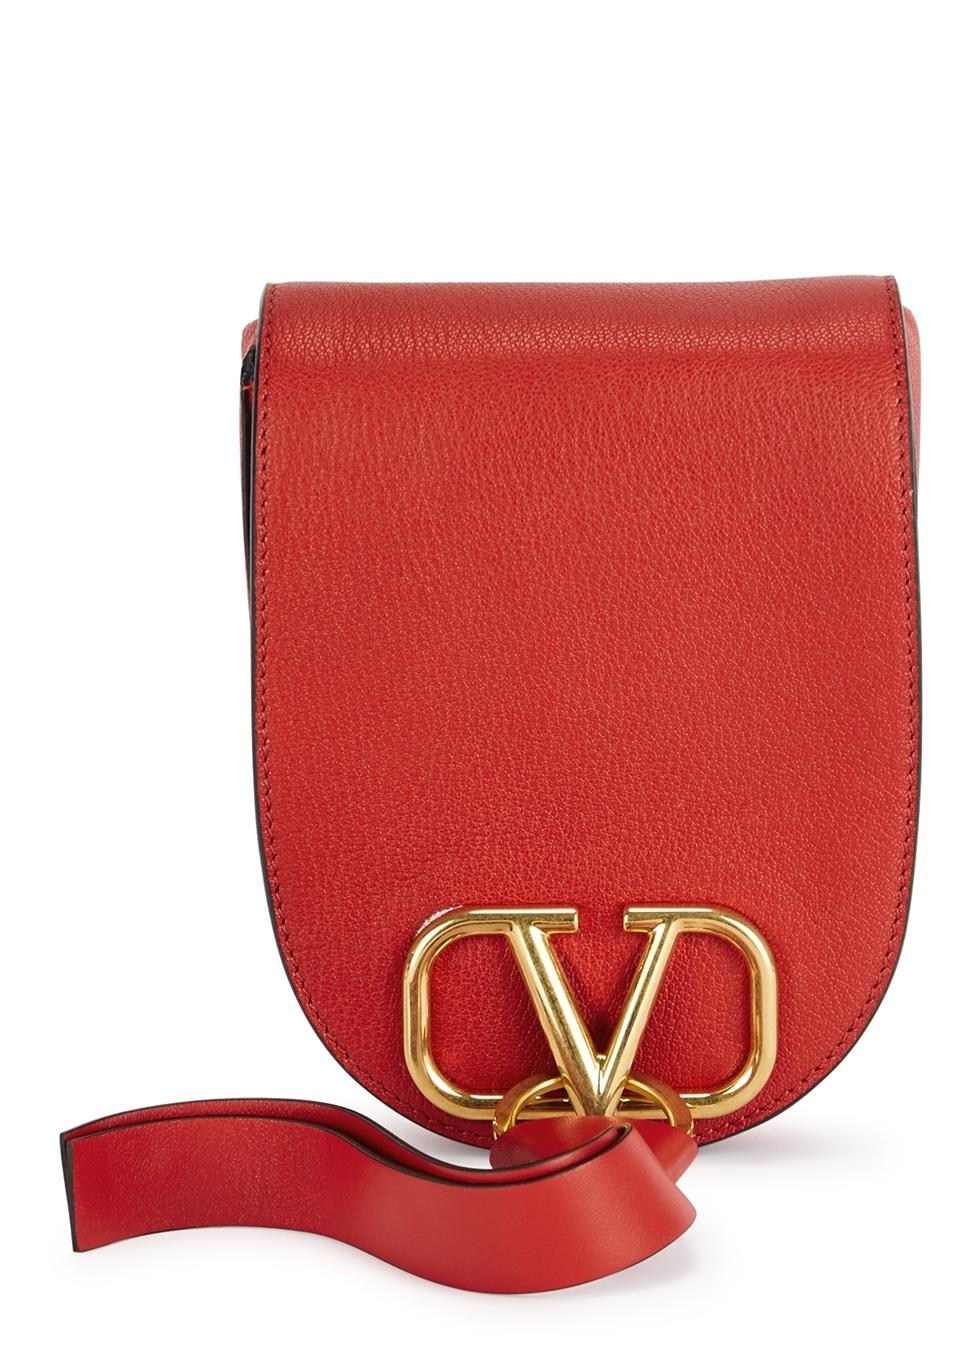 137a3408446 Women s Designer Bags